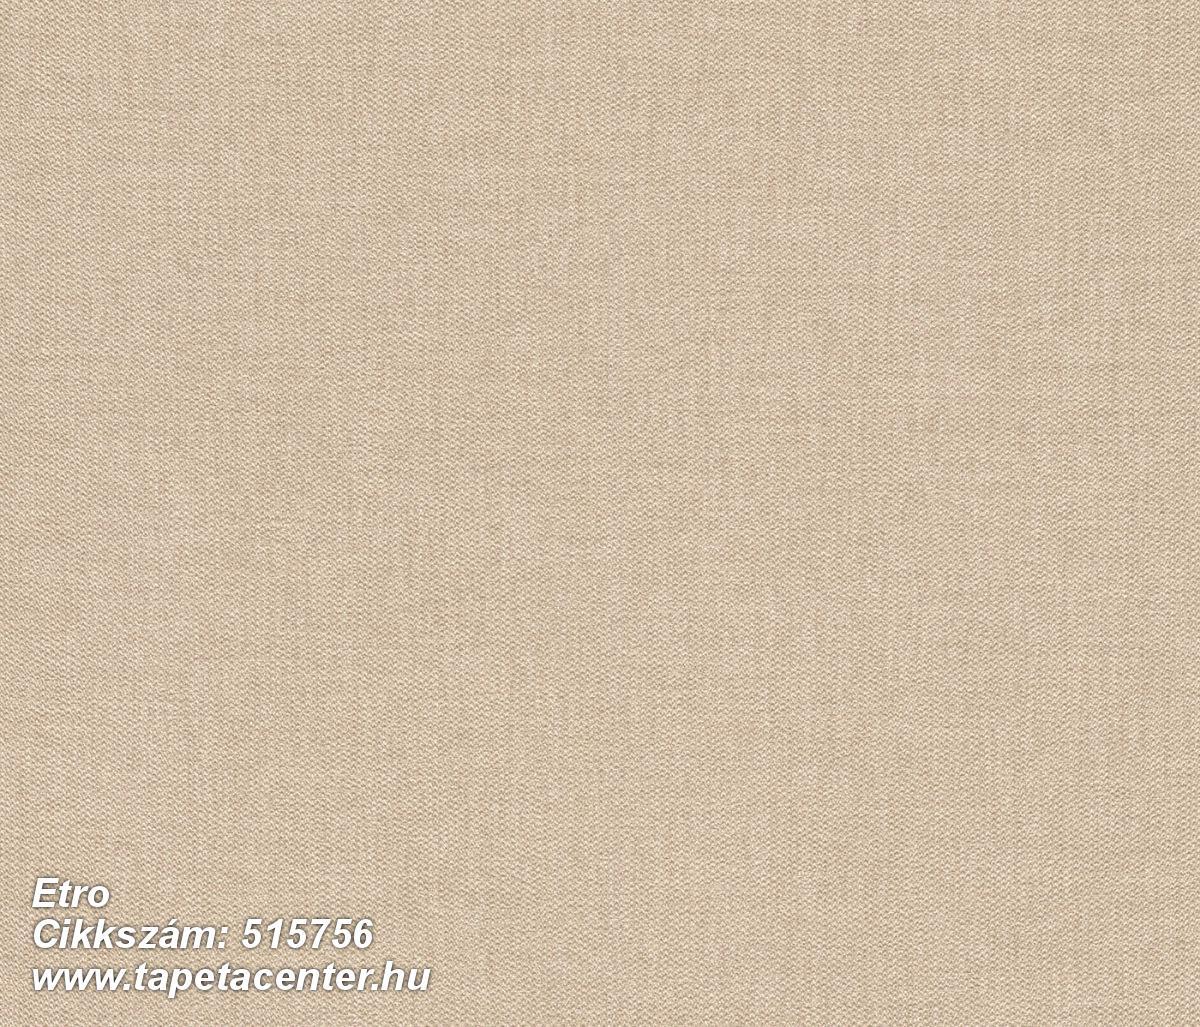 Egyszínű,textil hatású,bézs-drapp,lemosható,illesztés mentes,Vlies tapéta